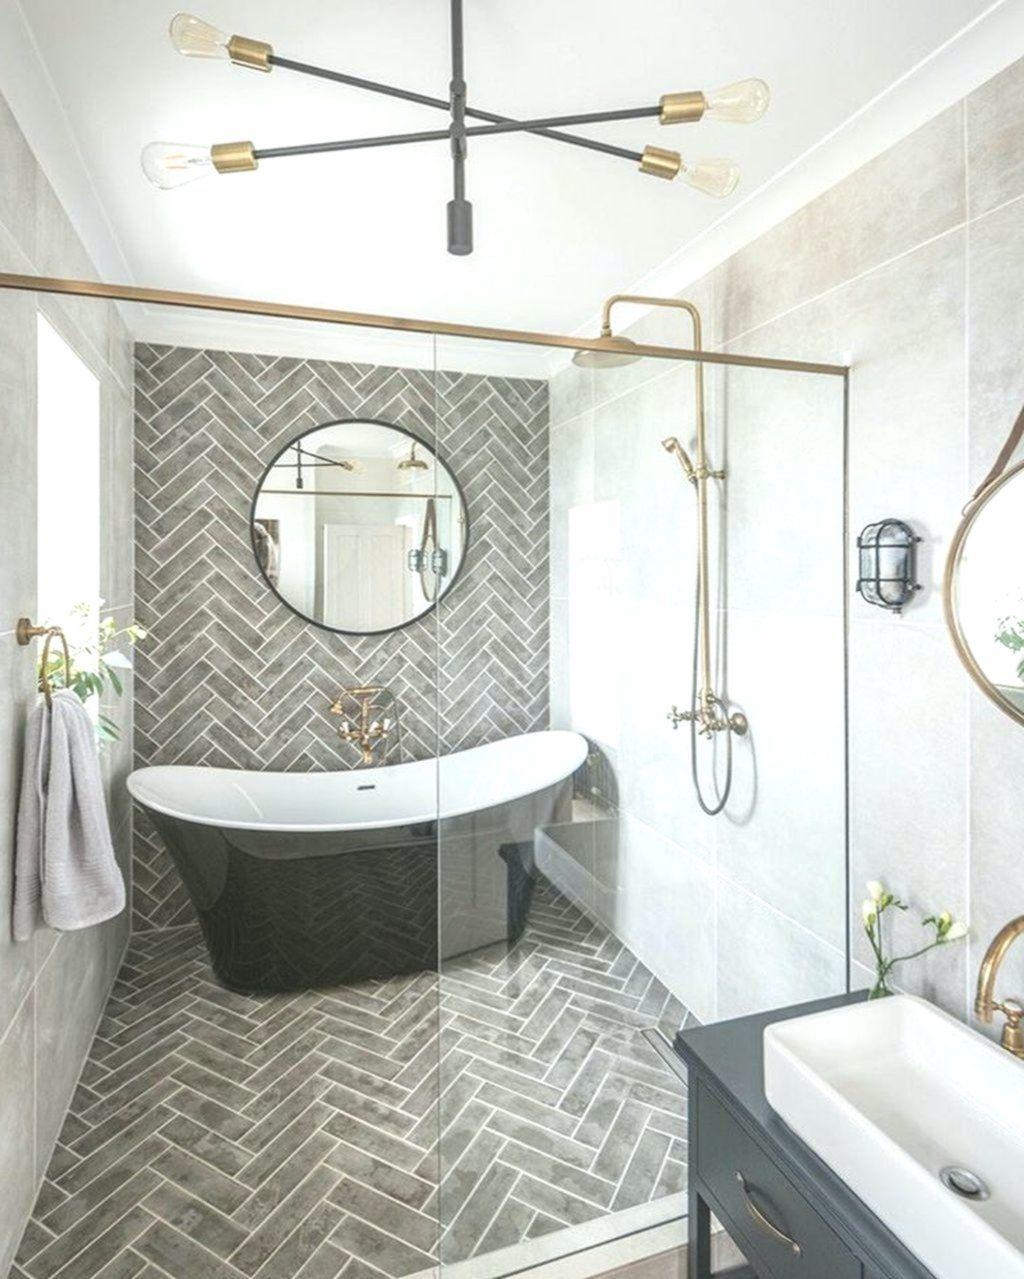 48 simple master bathroom renovation ideas homewowdecor on bathroom renovation ideas id=50735